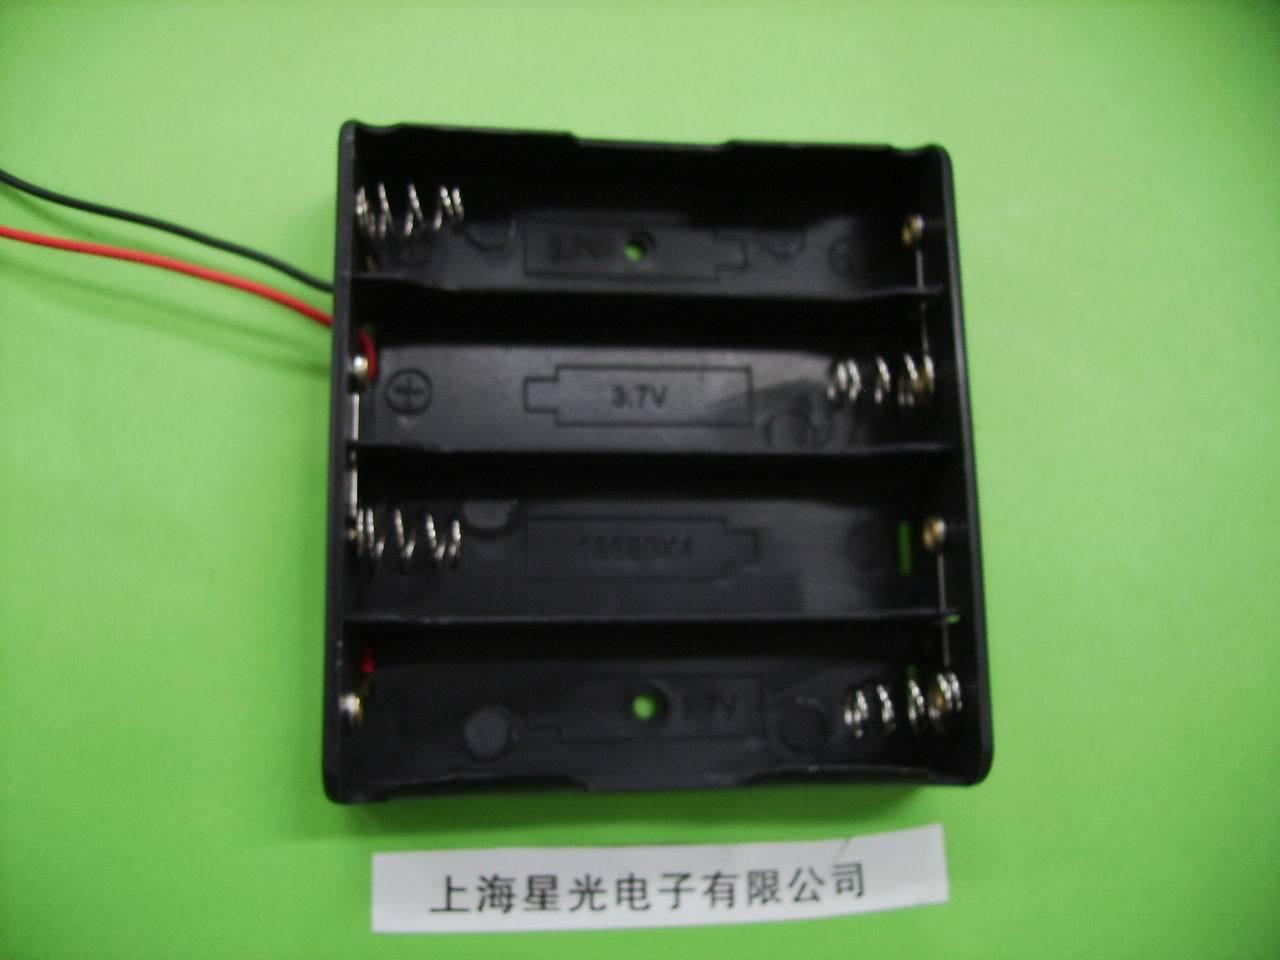 Блок для аккумуляторов 18650 Спец раздел 18650 ящик аккумуляторной батареи 4 18650 серии коробка 4 в разделе 3. Чехол аккумулятор 7В 14. Коробка 8В аккумулятор 18650